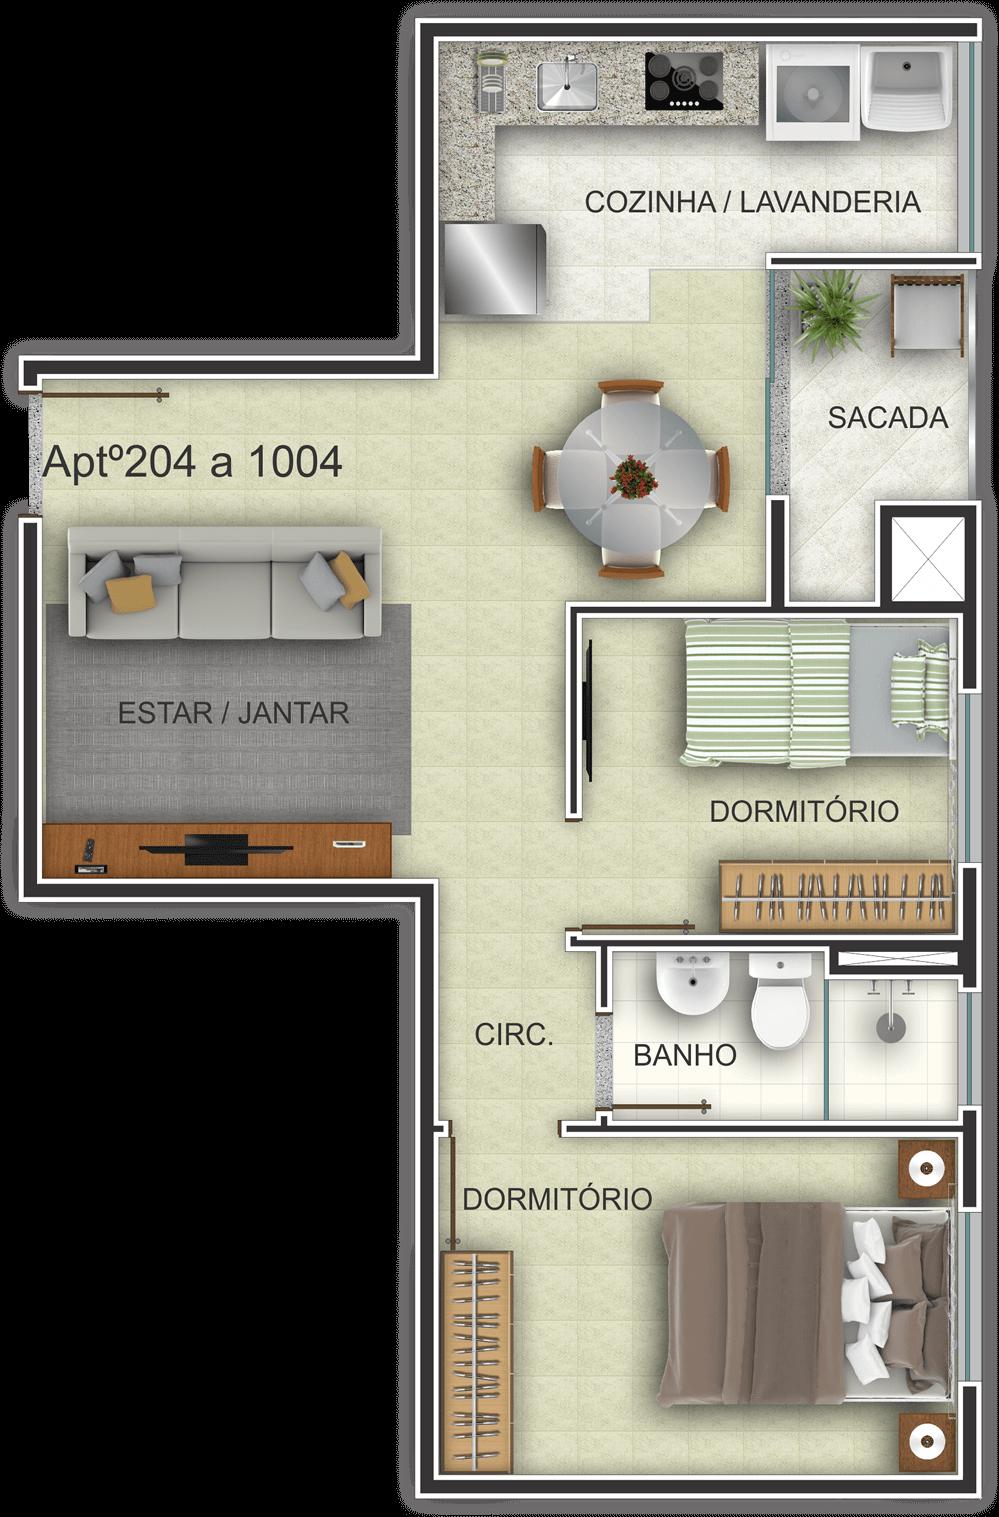 Edifício Residencial Ideal - Planta Baixa Habitada 204-1004 G. Ghem Engenharia